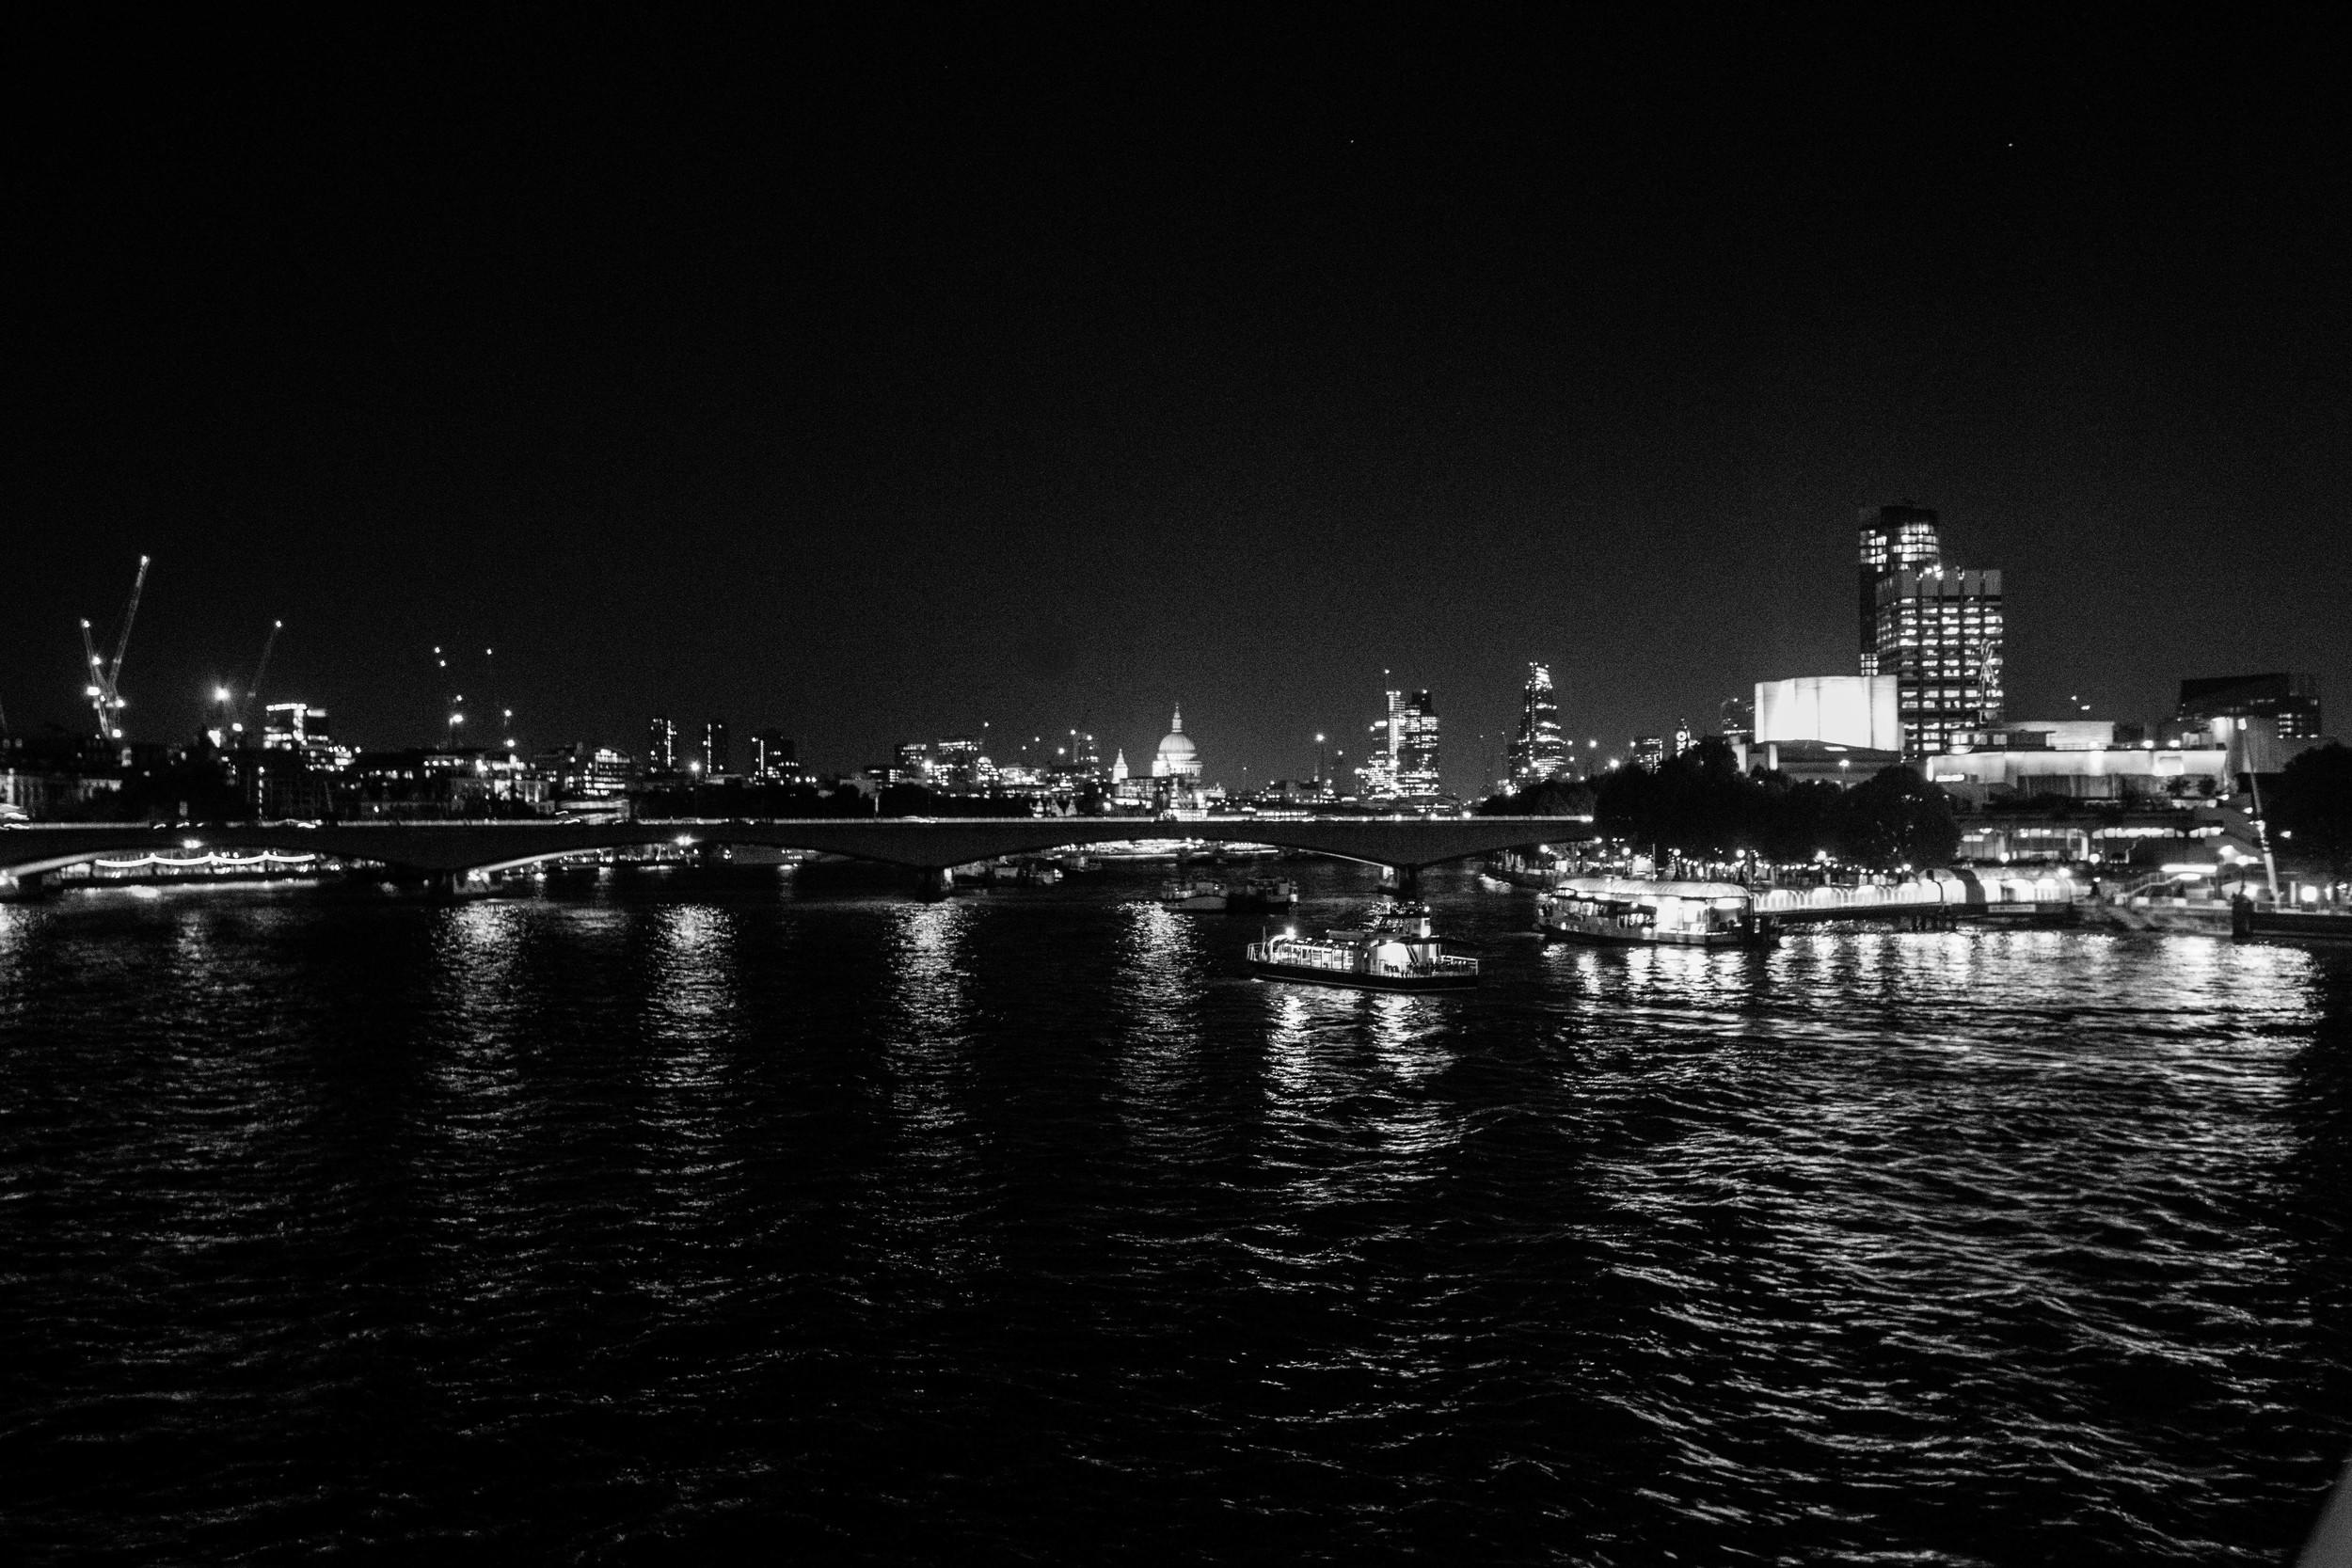 London at night along the Thames